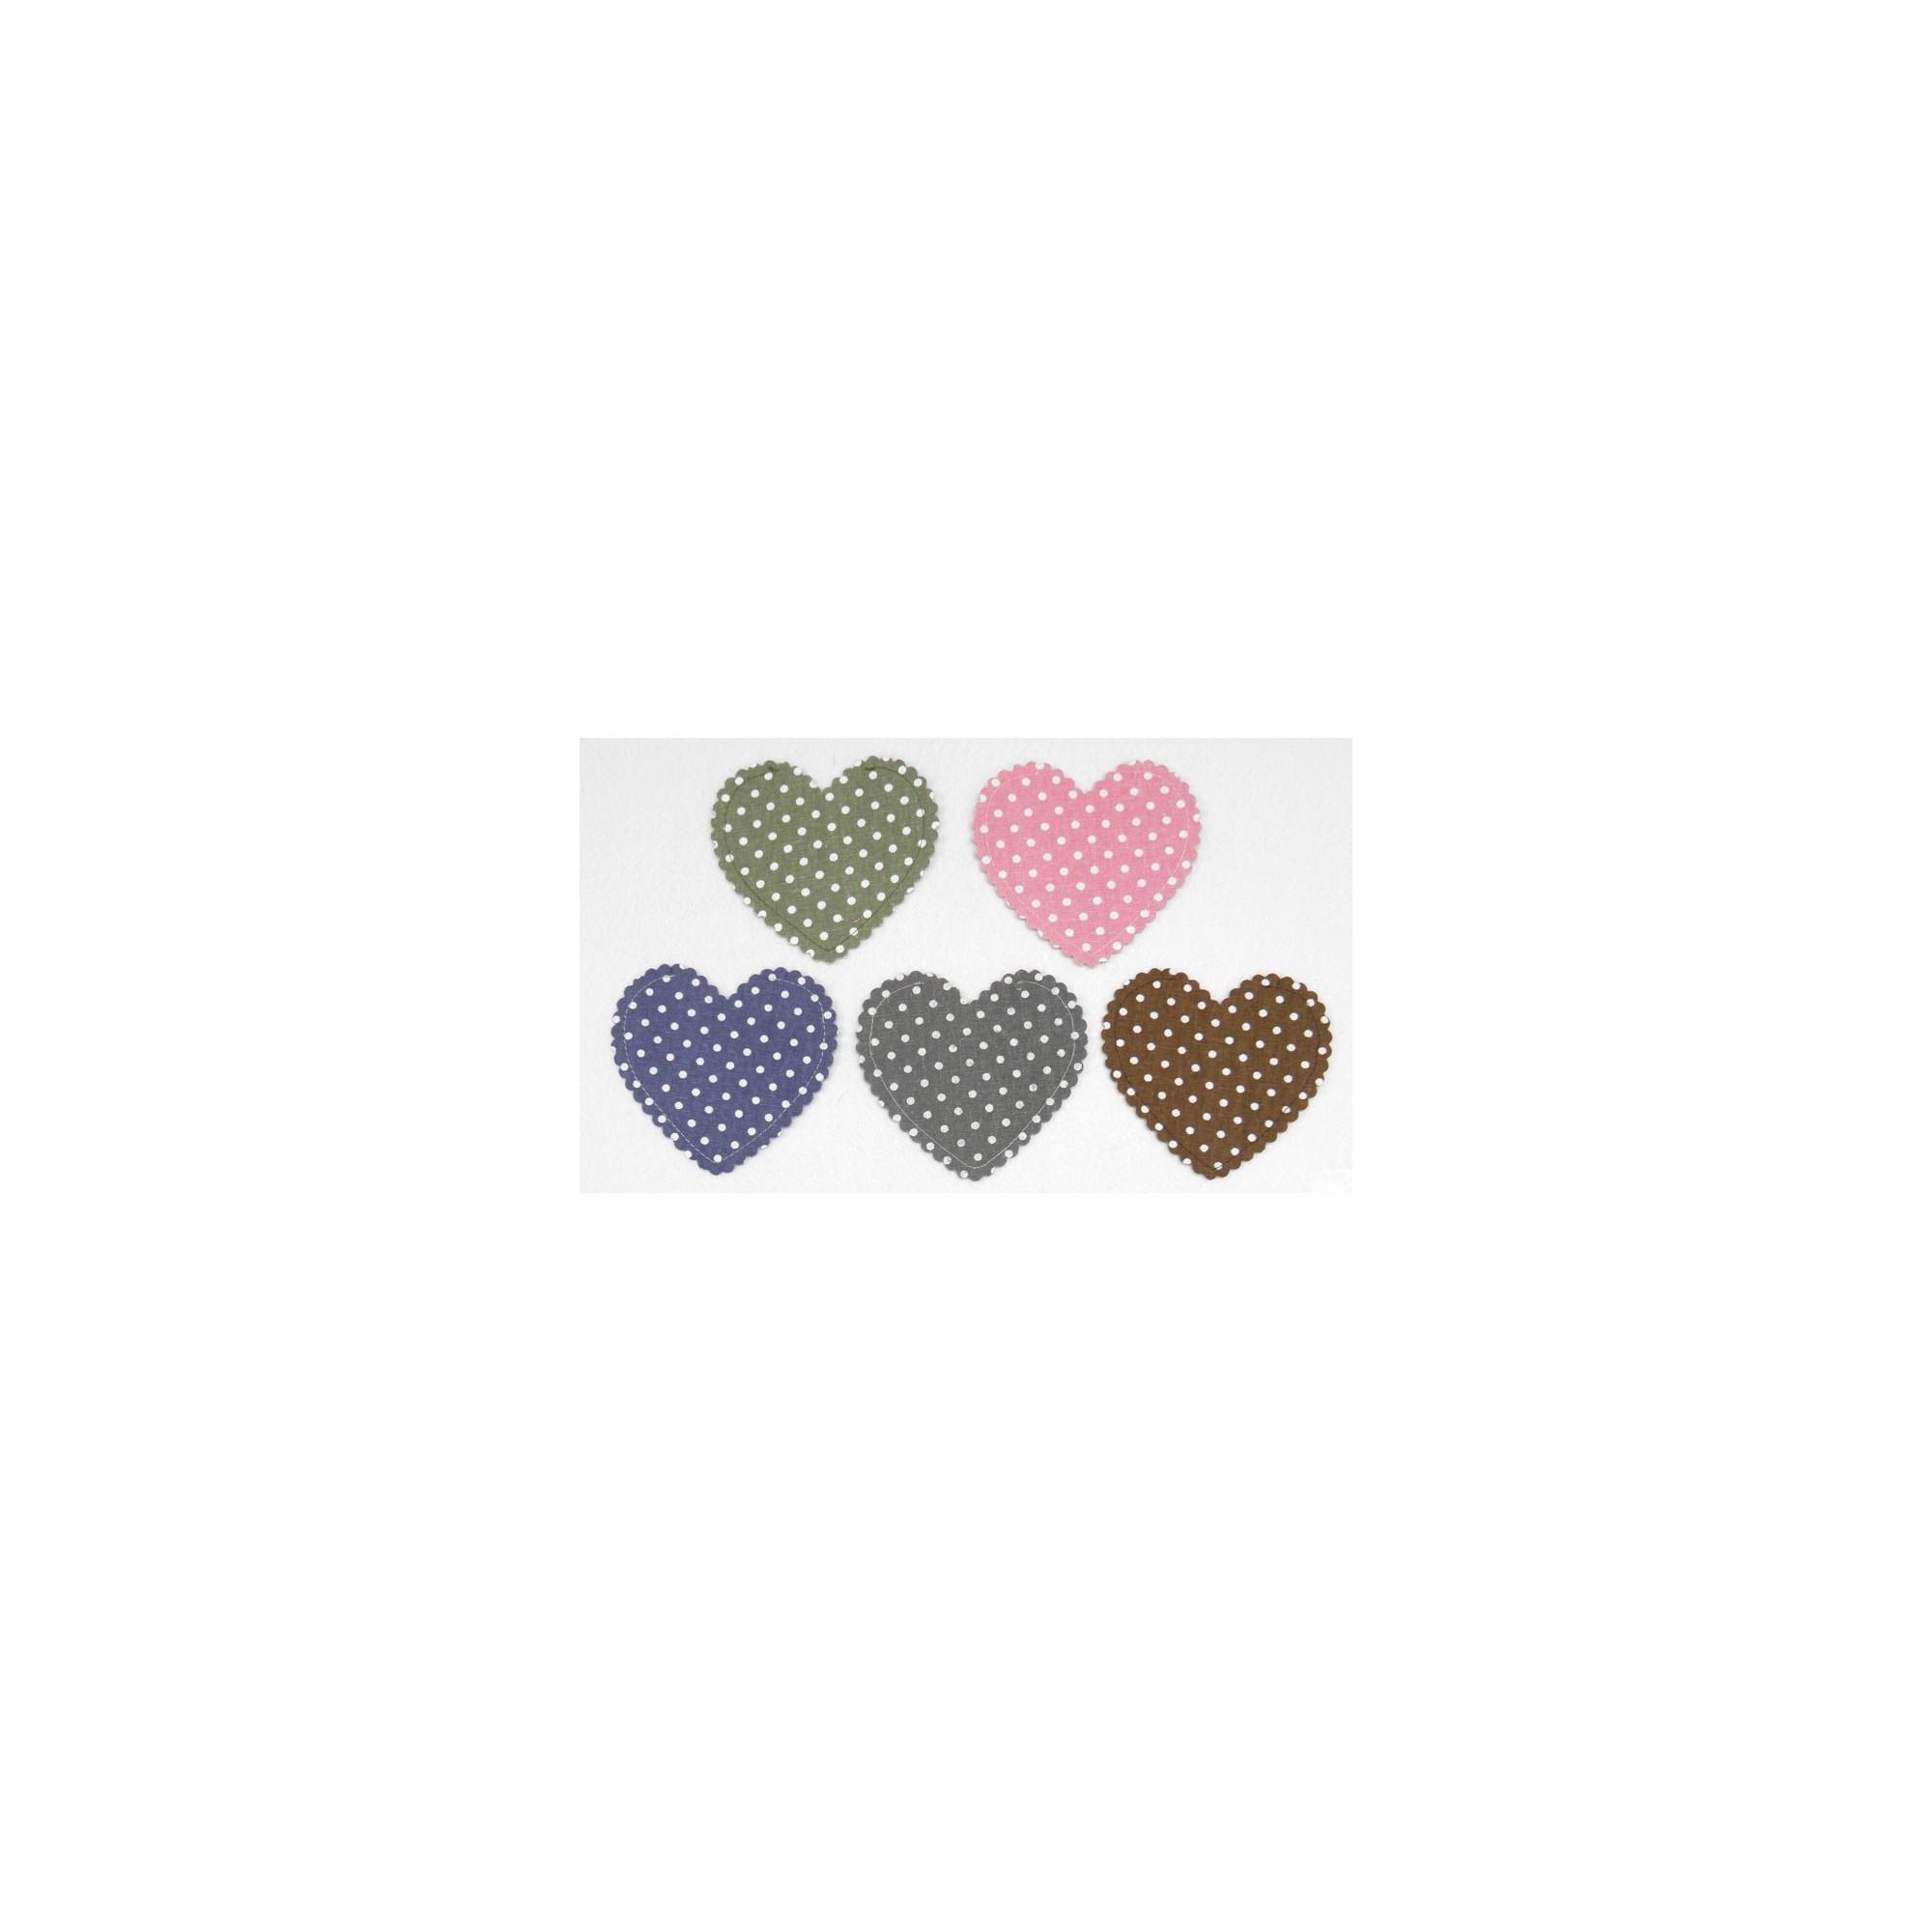 Πουγκί Καρδιά Καραβόπανο Πουά - PP-0527173